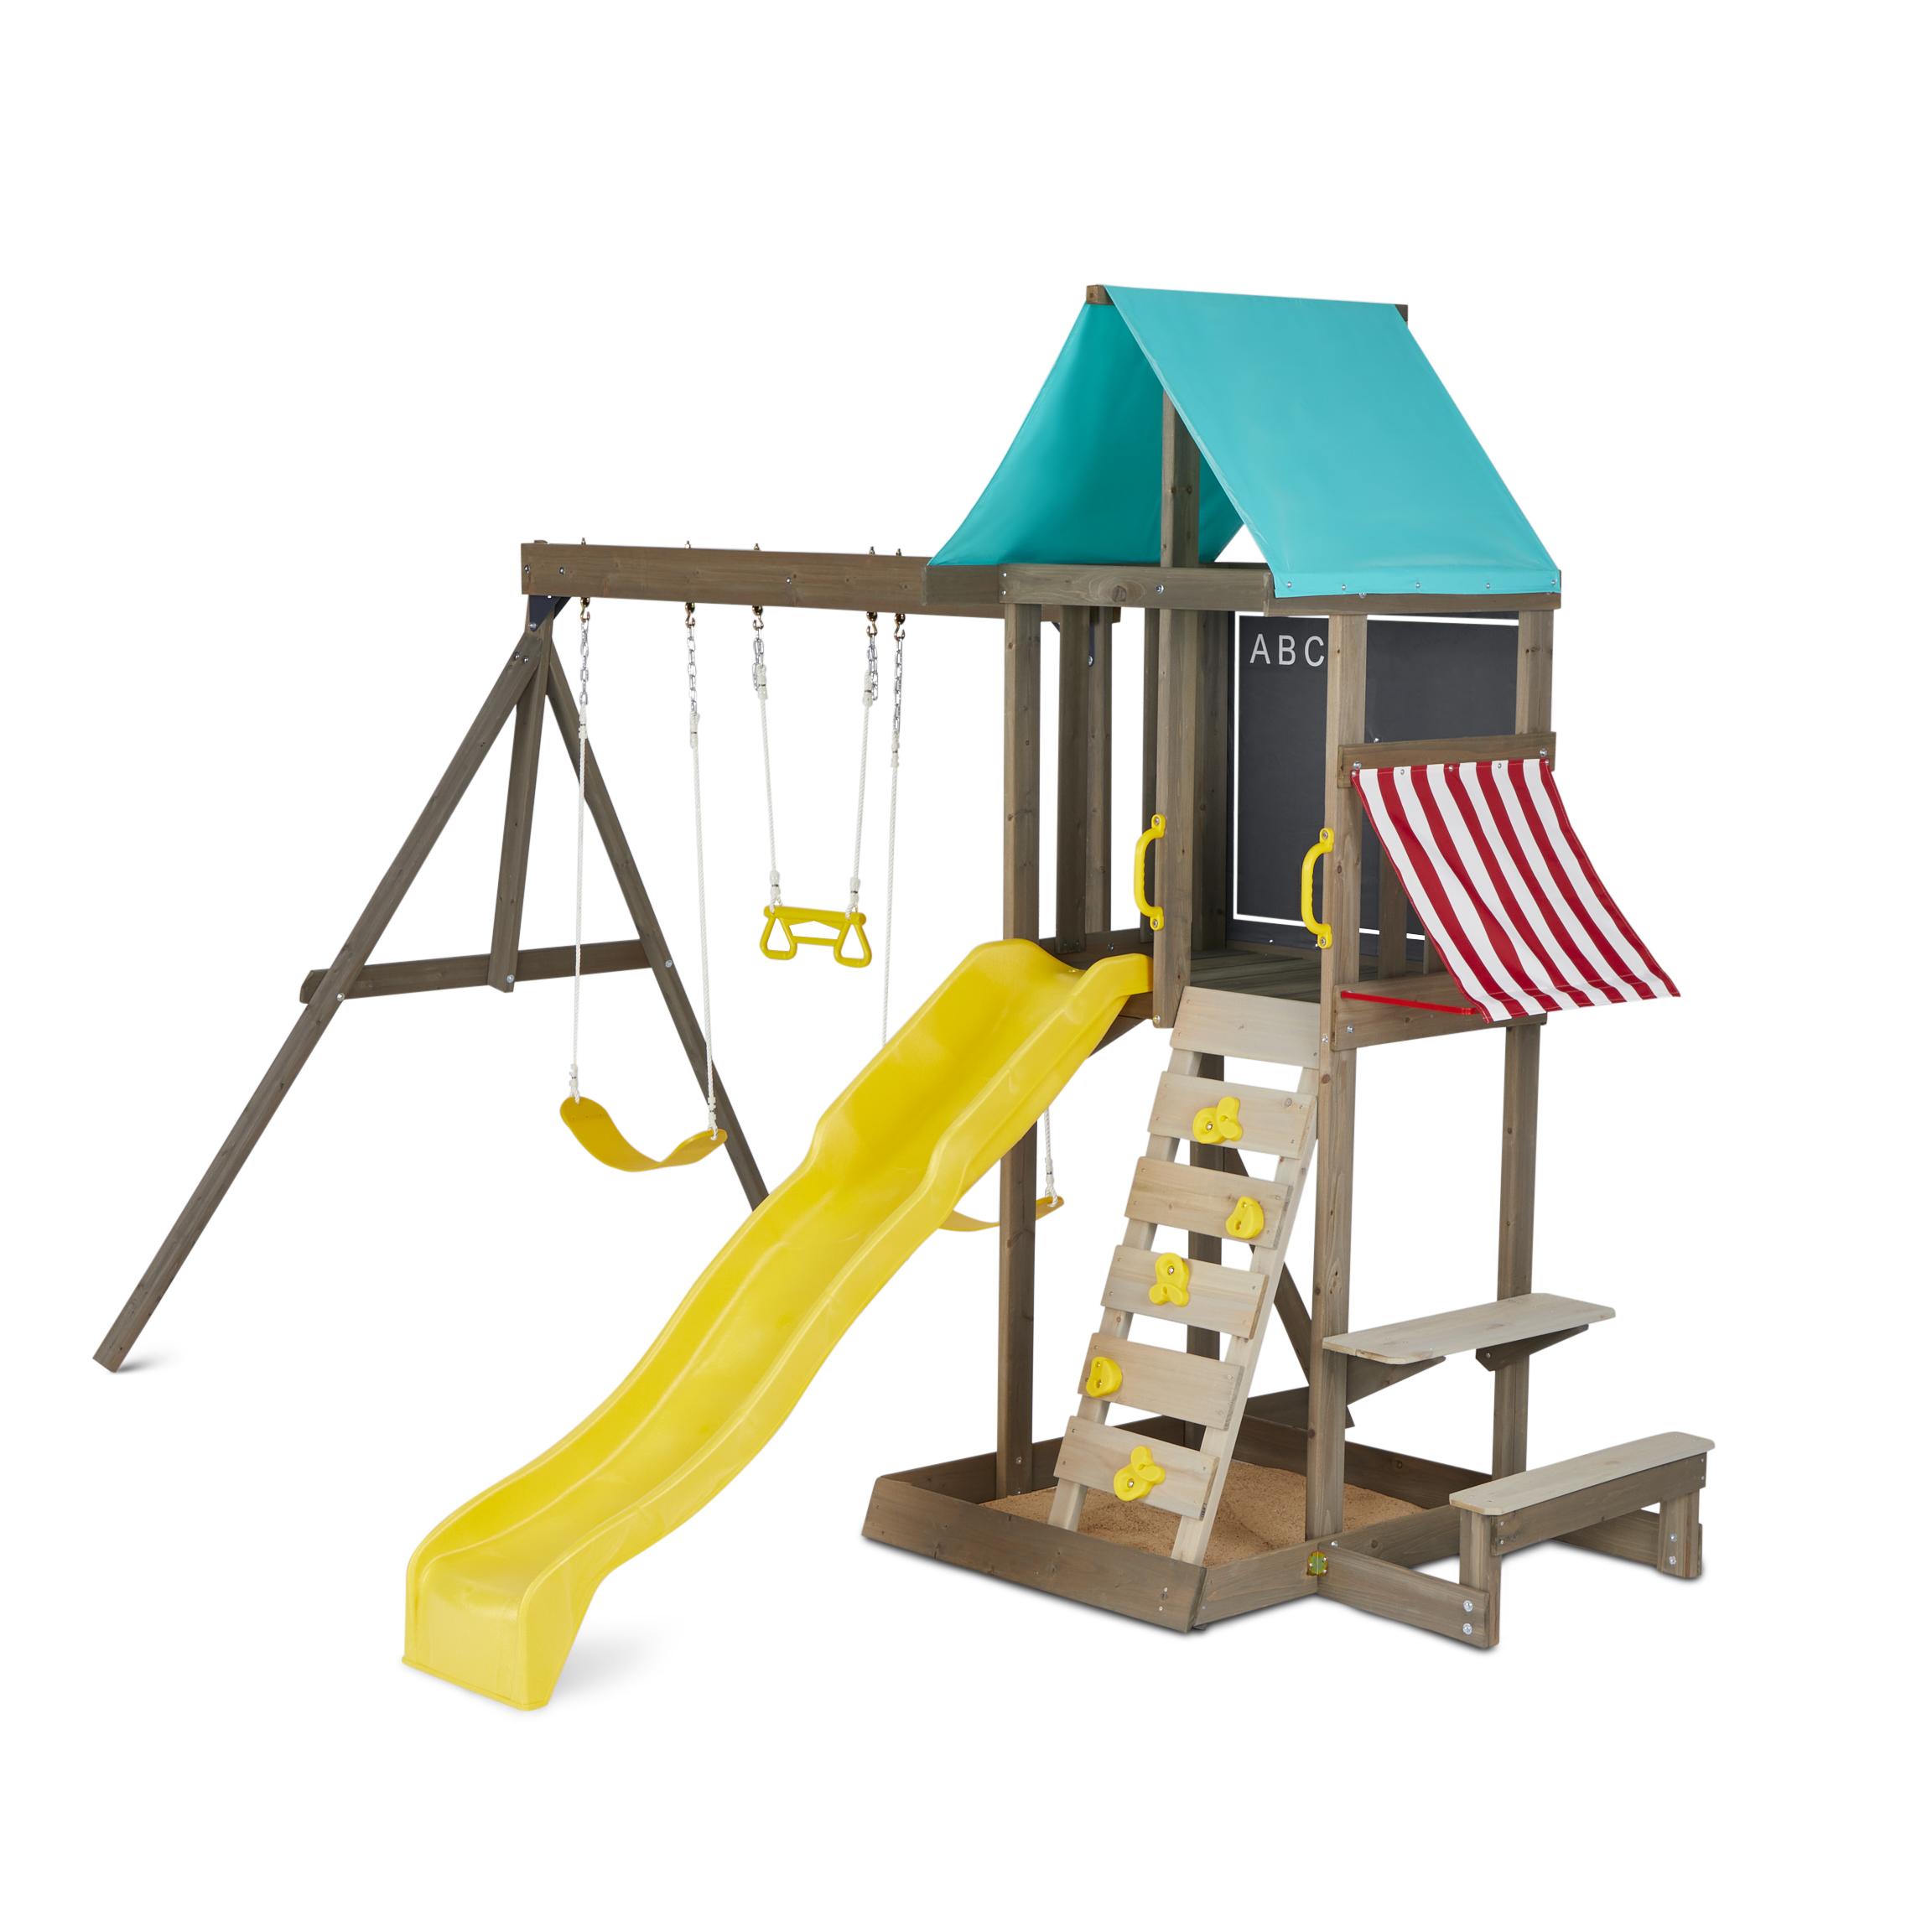 KidKraft Newport Kids Wooden Outdoor Playset Swing Set ...